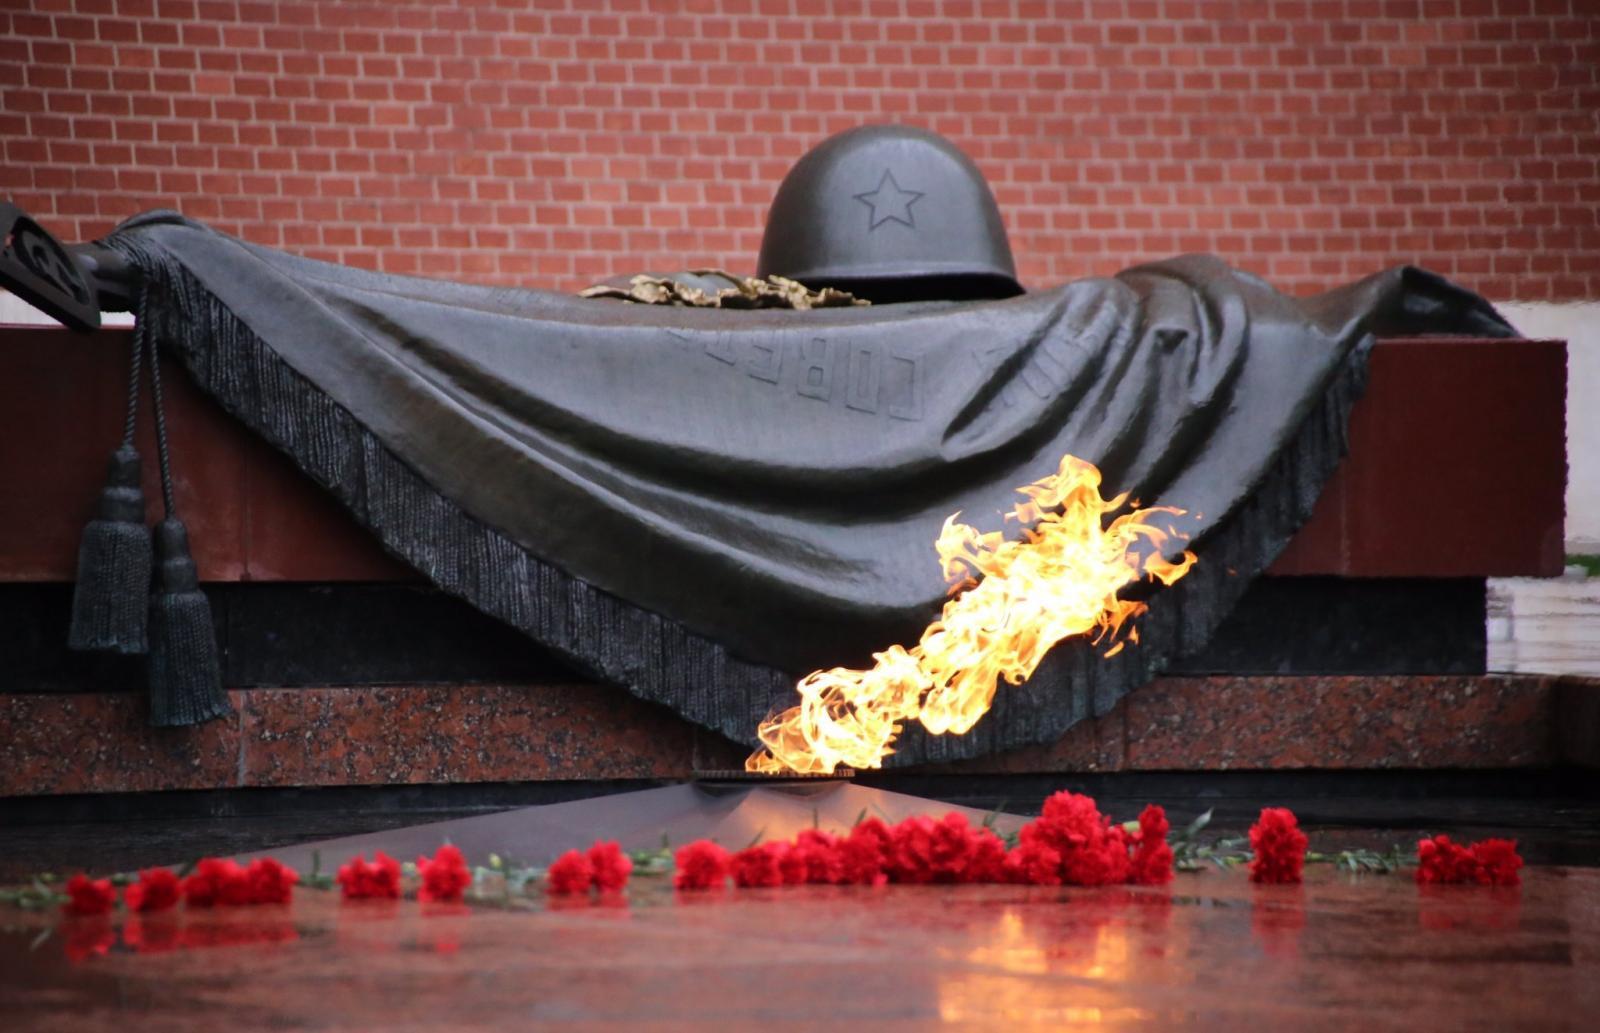 В Тверскую область привезут пламя от Вечного огня с могилы Неизвестного солдата - новости Афанасий